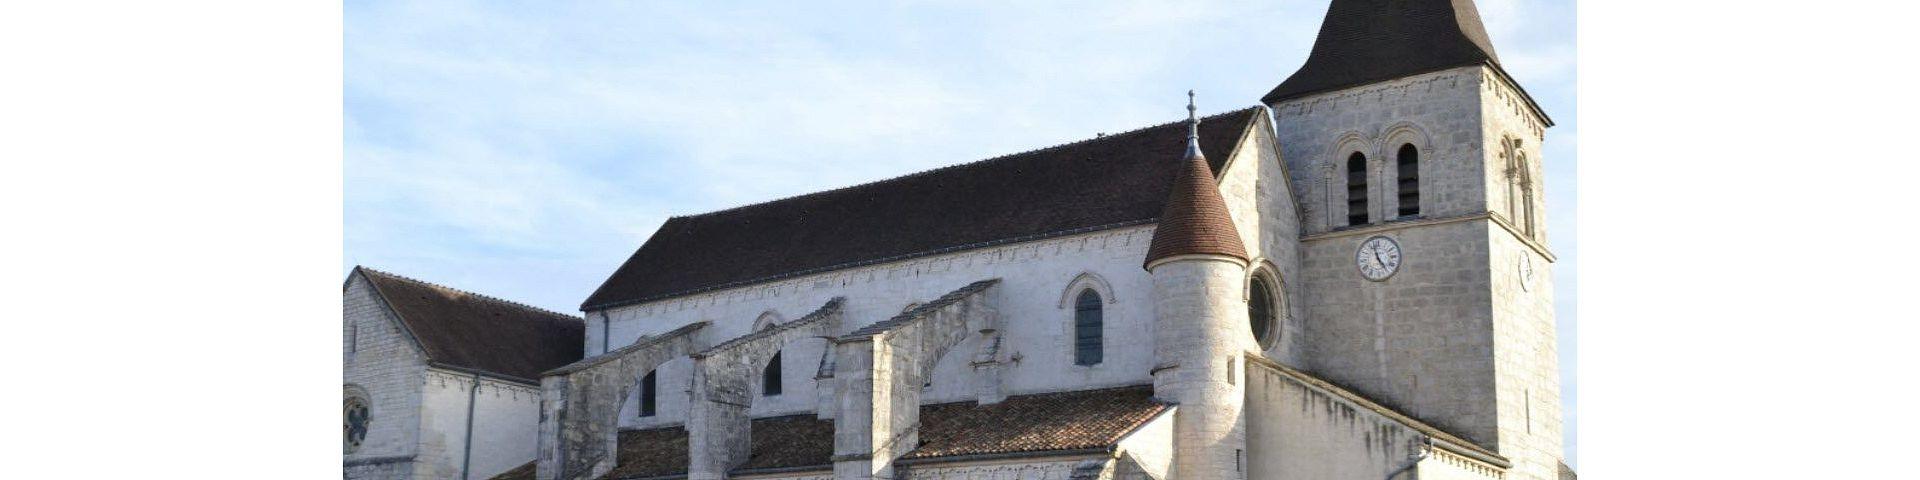 Chissey-sur-Loue - Eglise (39)